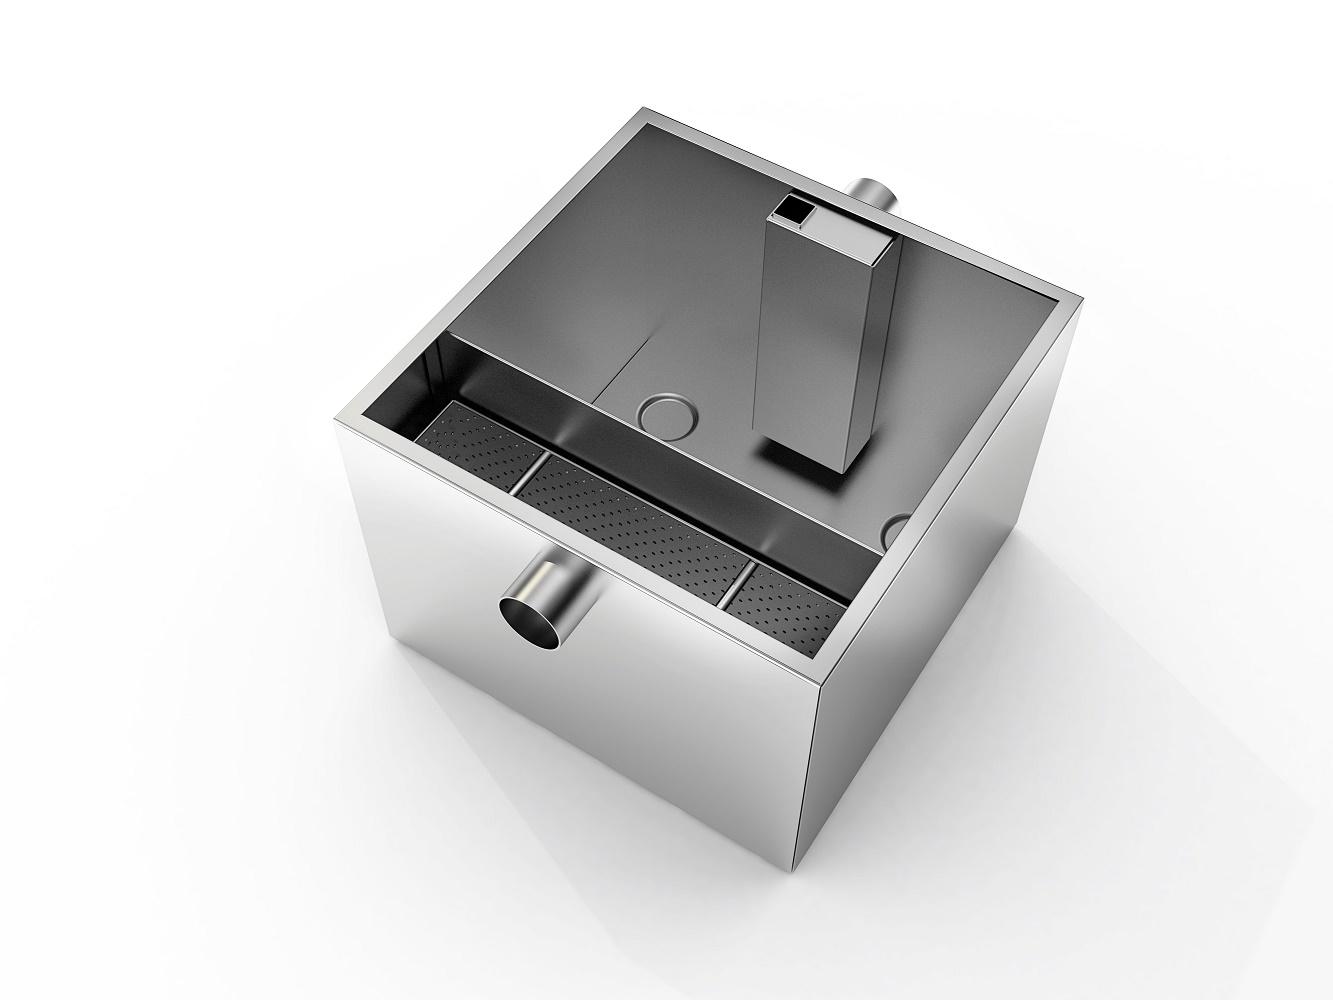 Vetafscheider RVS | 36 Liter | 9kg capaciteit